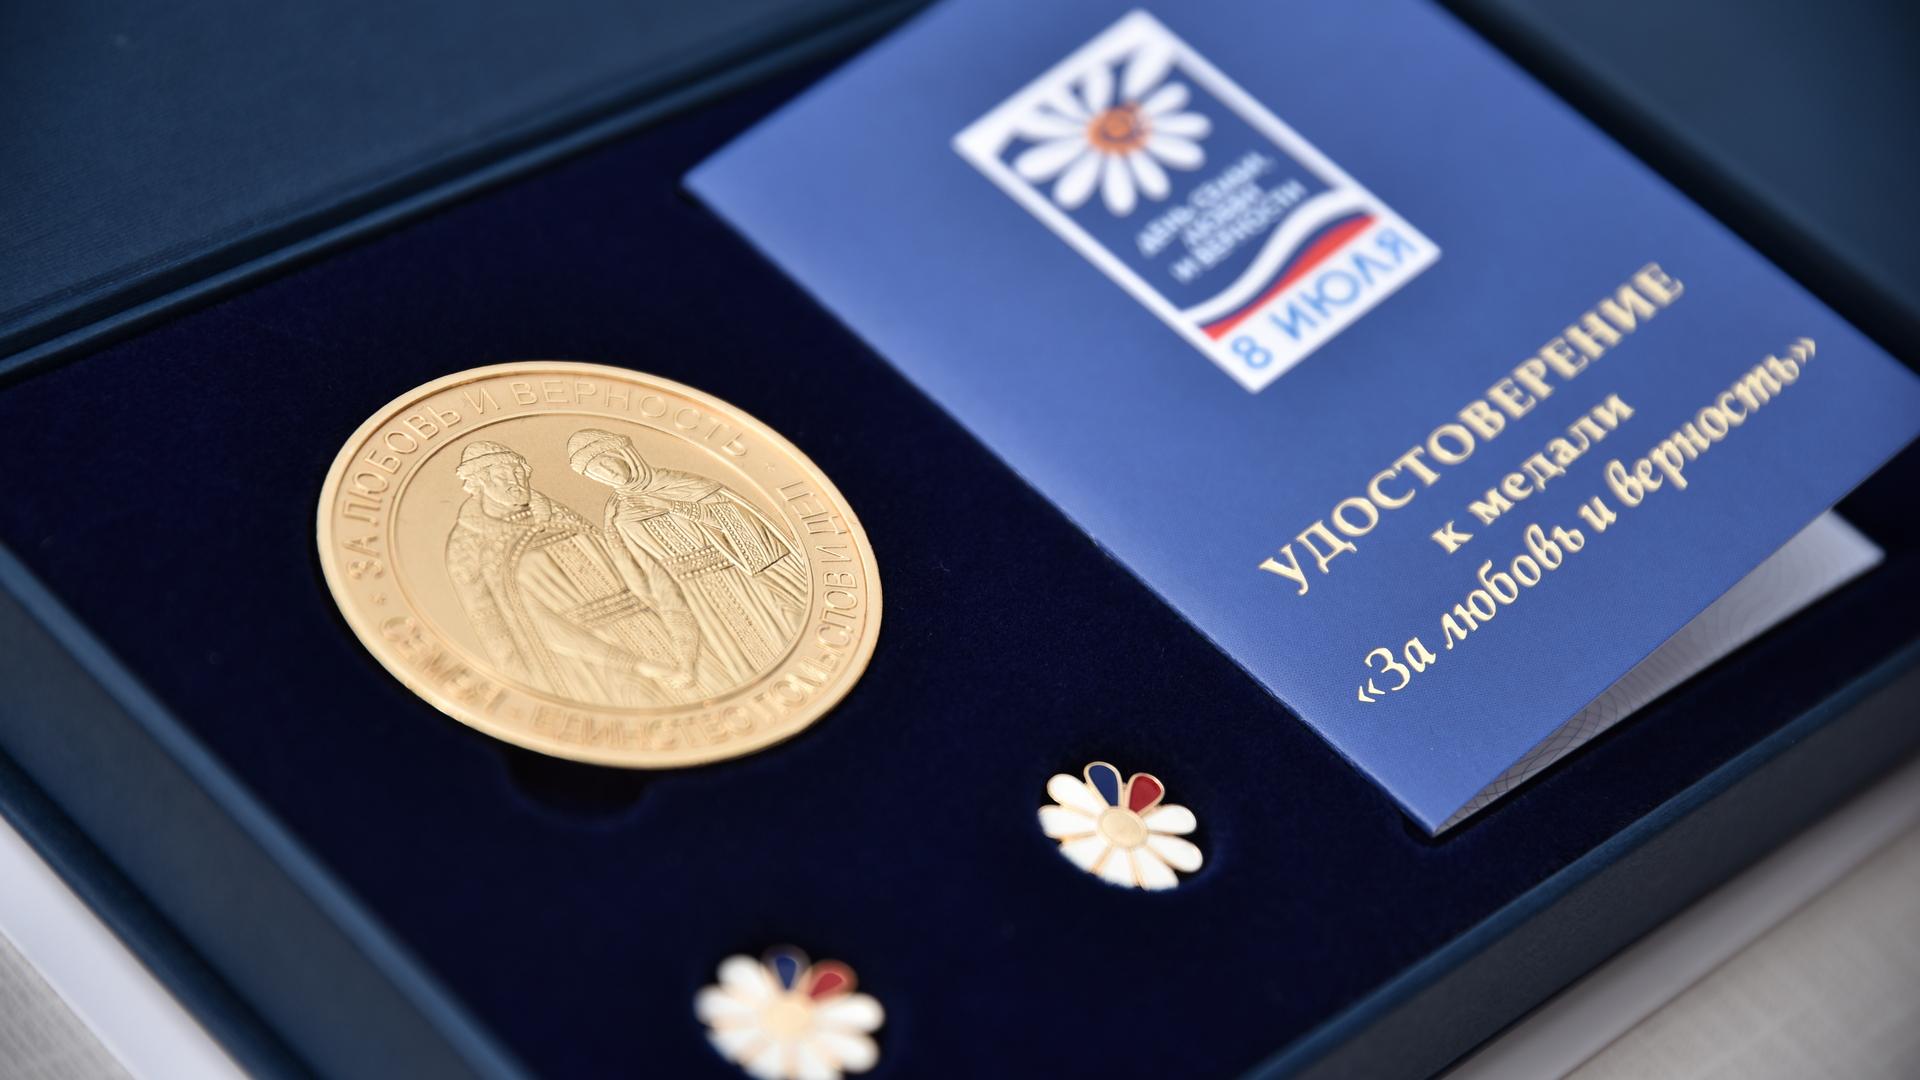 Медали «За любовь и верность» вручают один раз в год